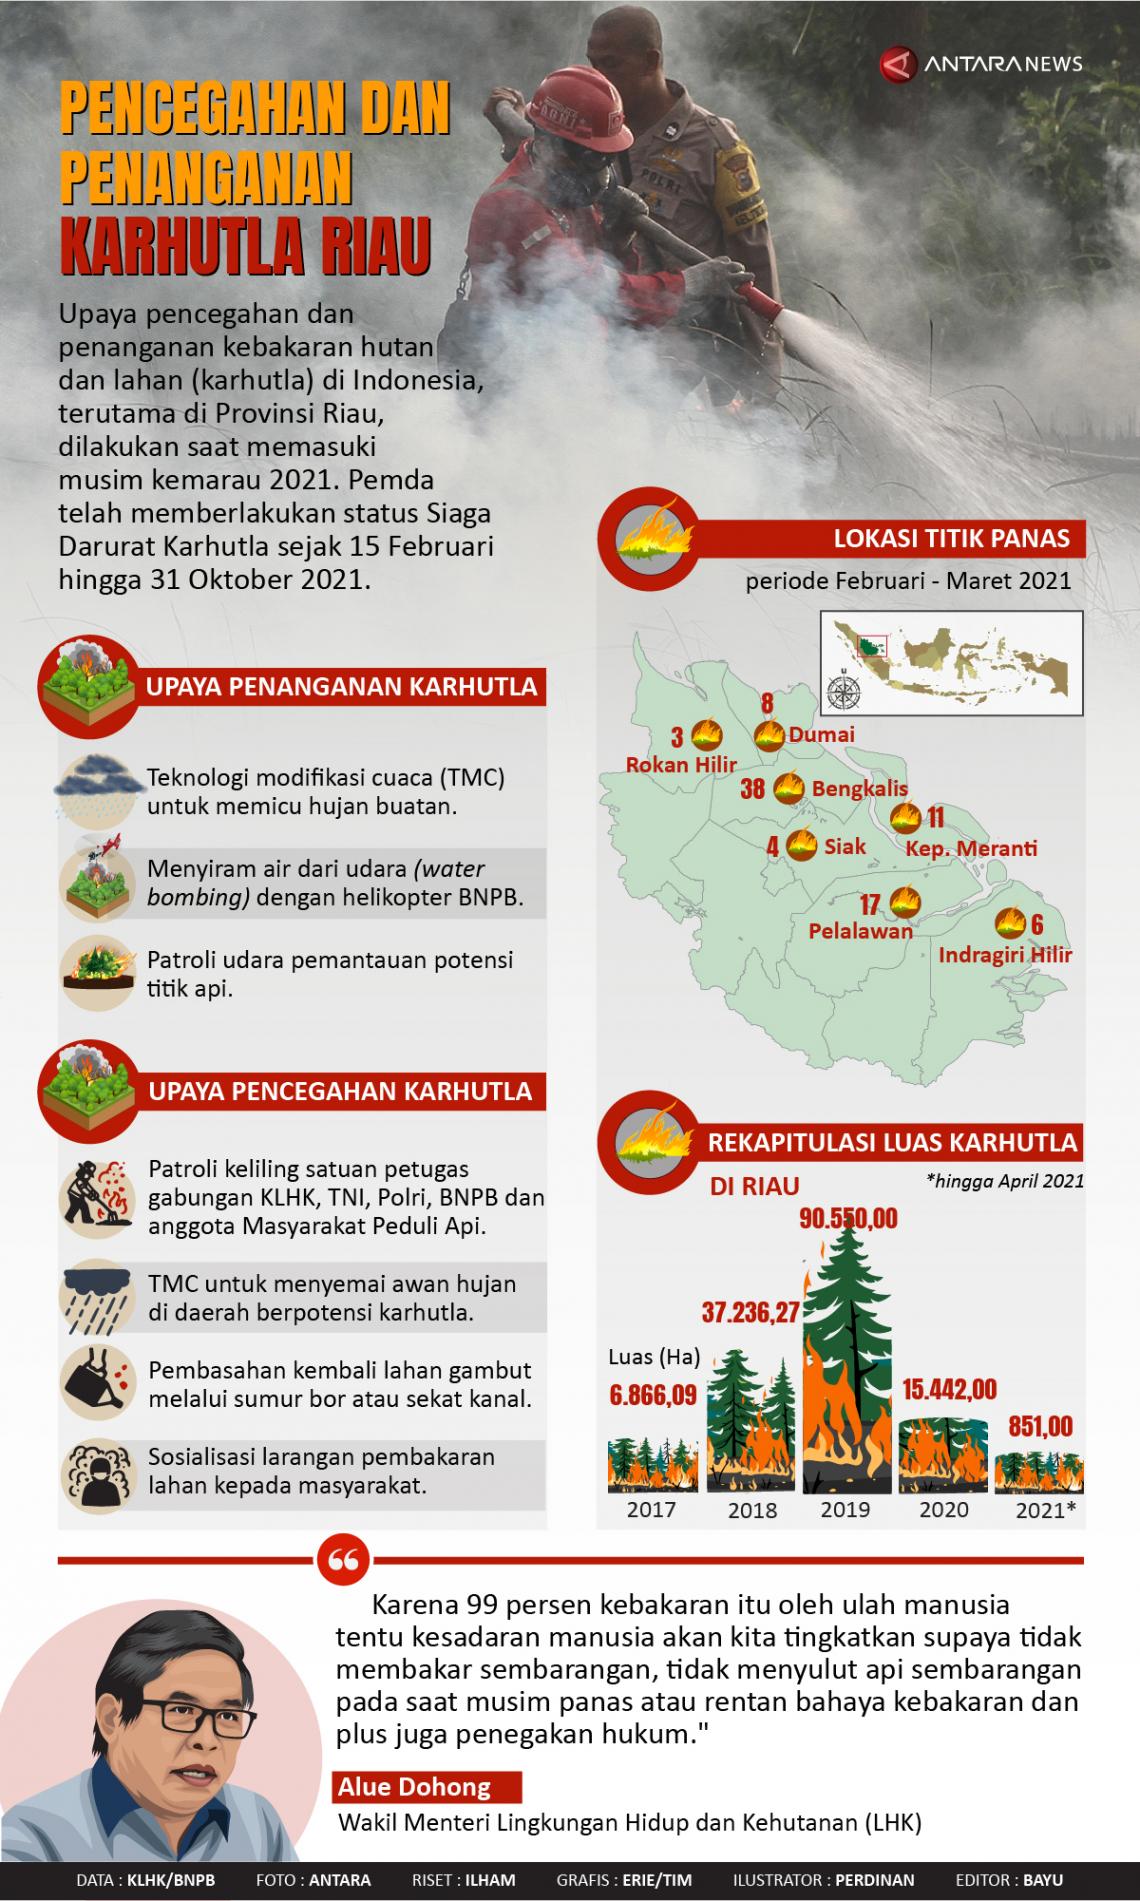 Pencegahan dan penanganan karhutla Riau